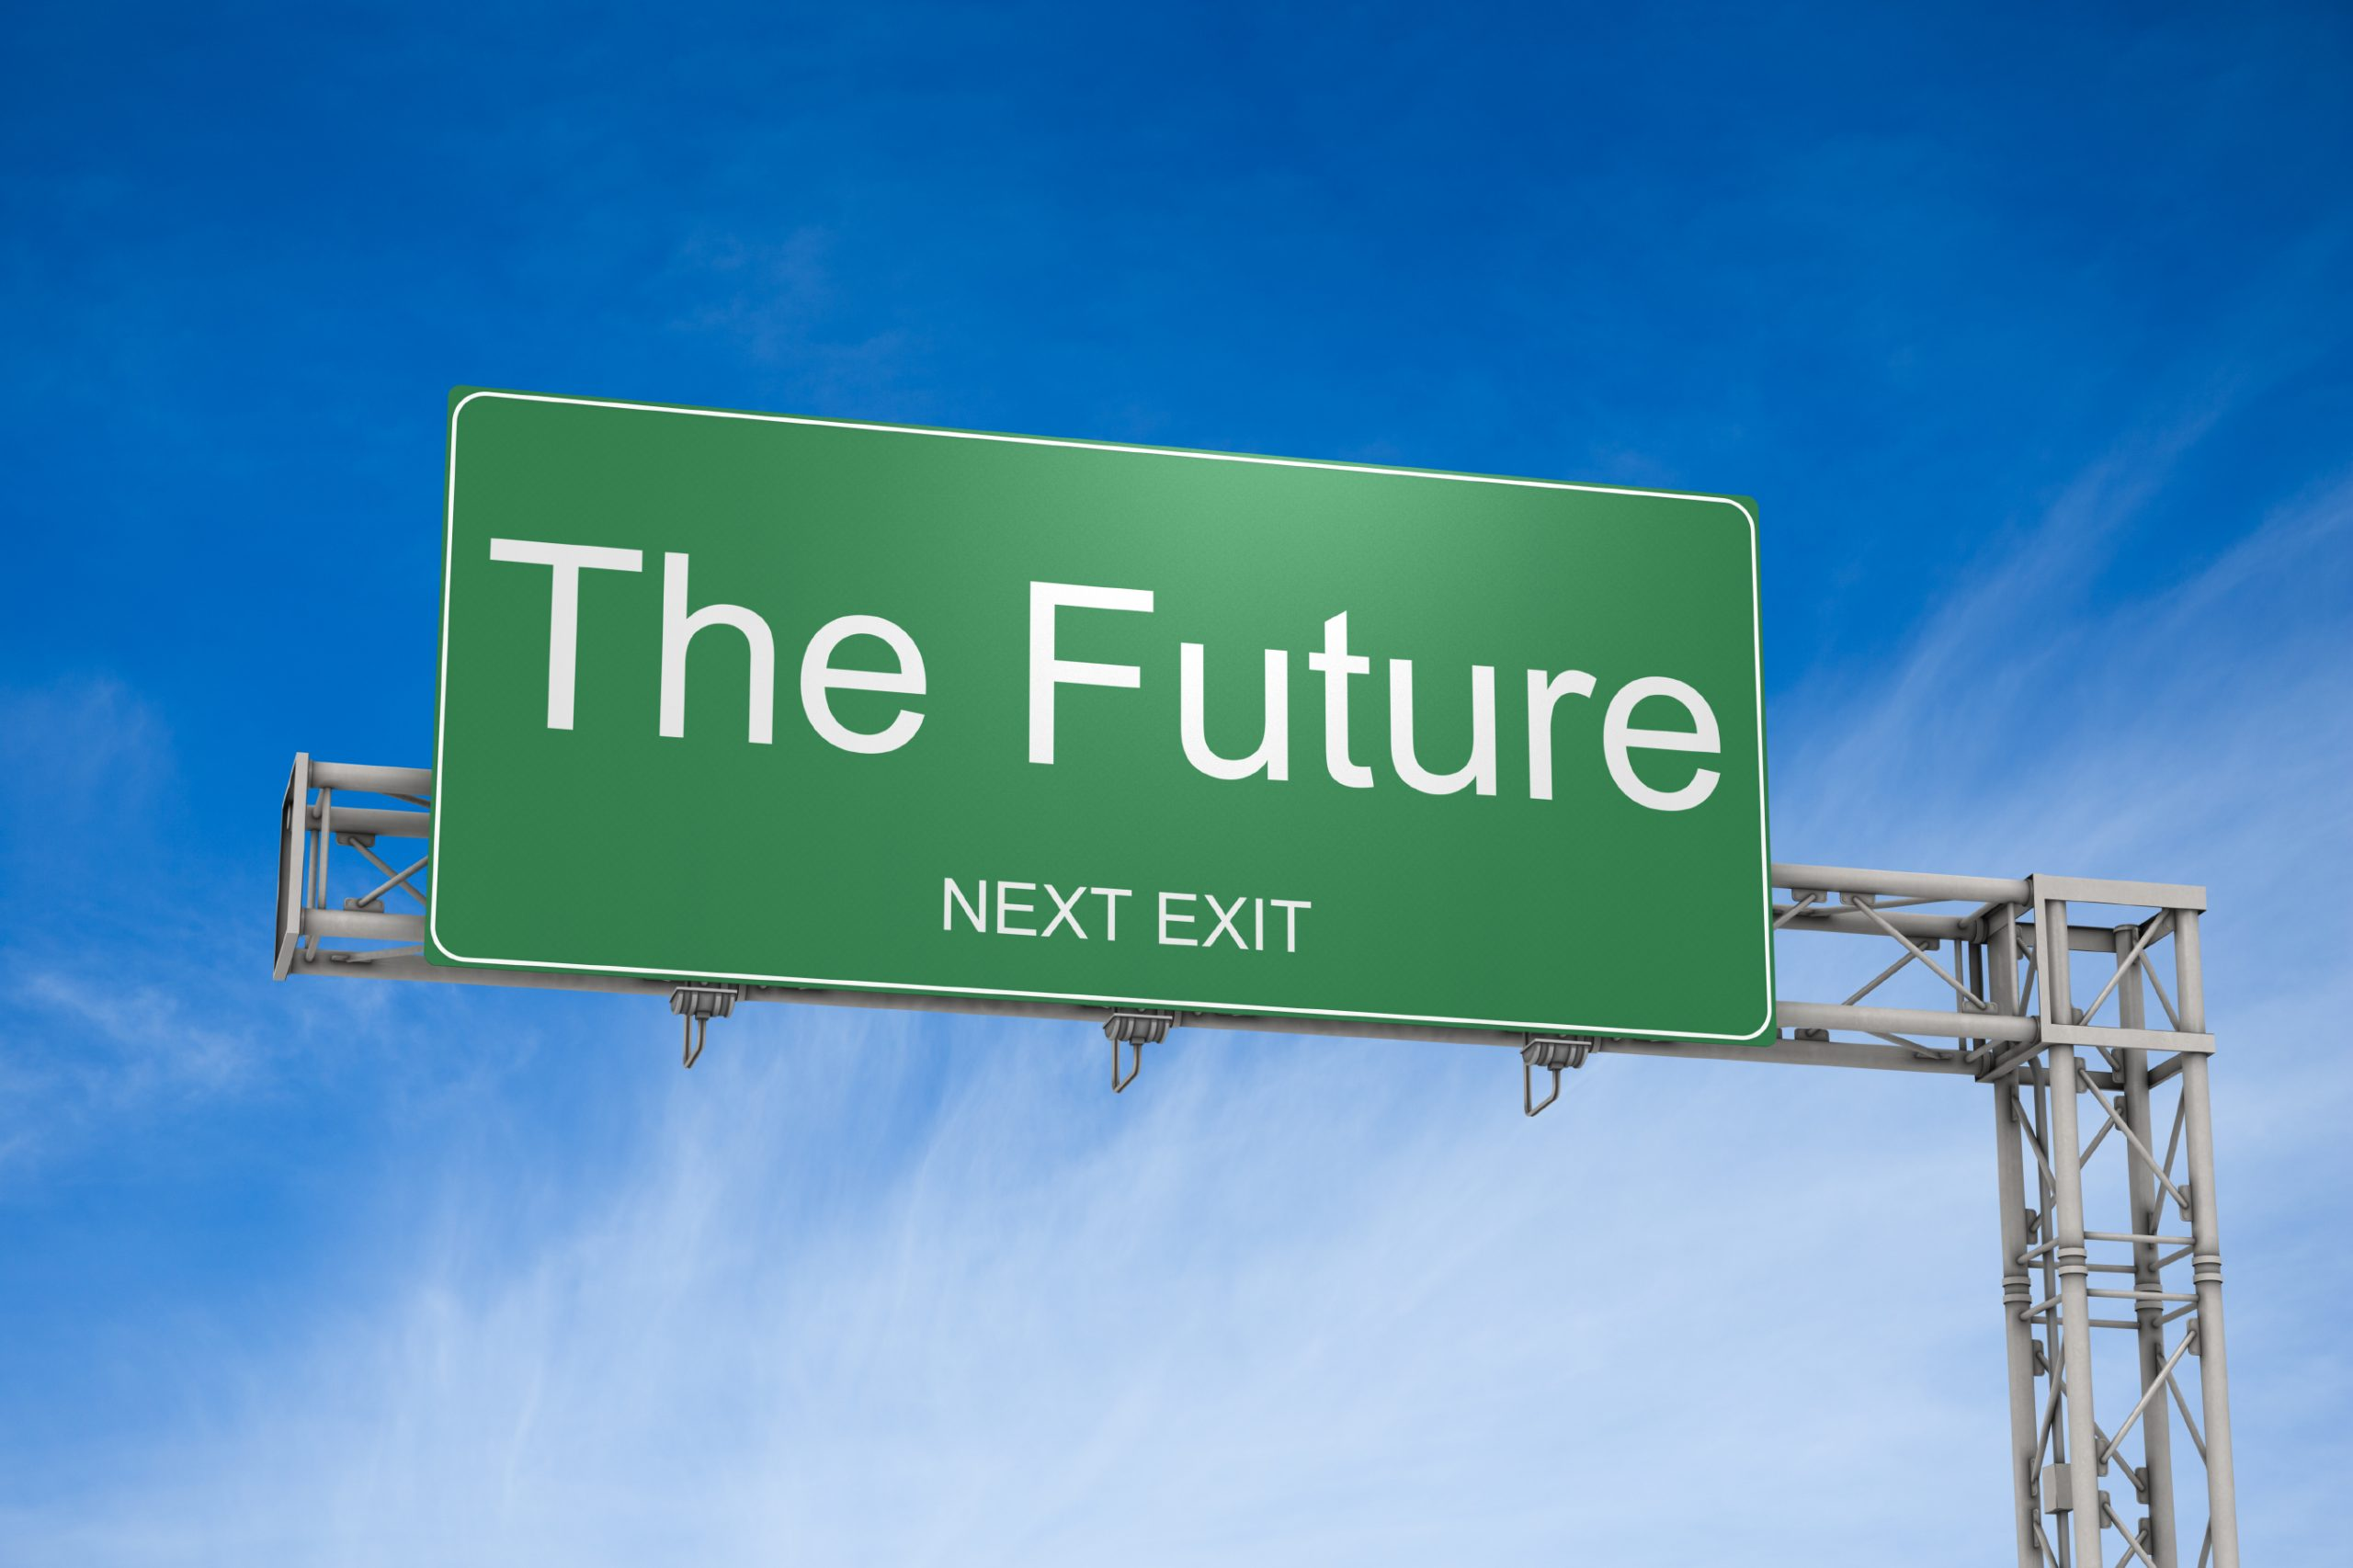 Descubra agora qual é o futuro das escolas de Inglês